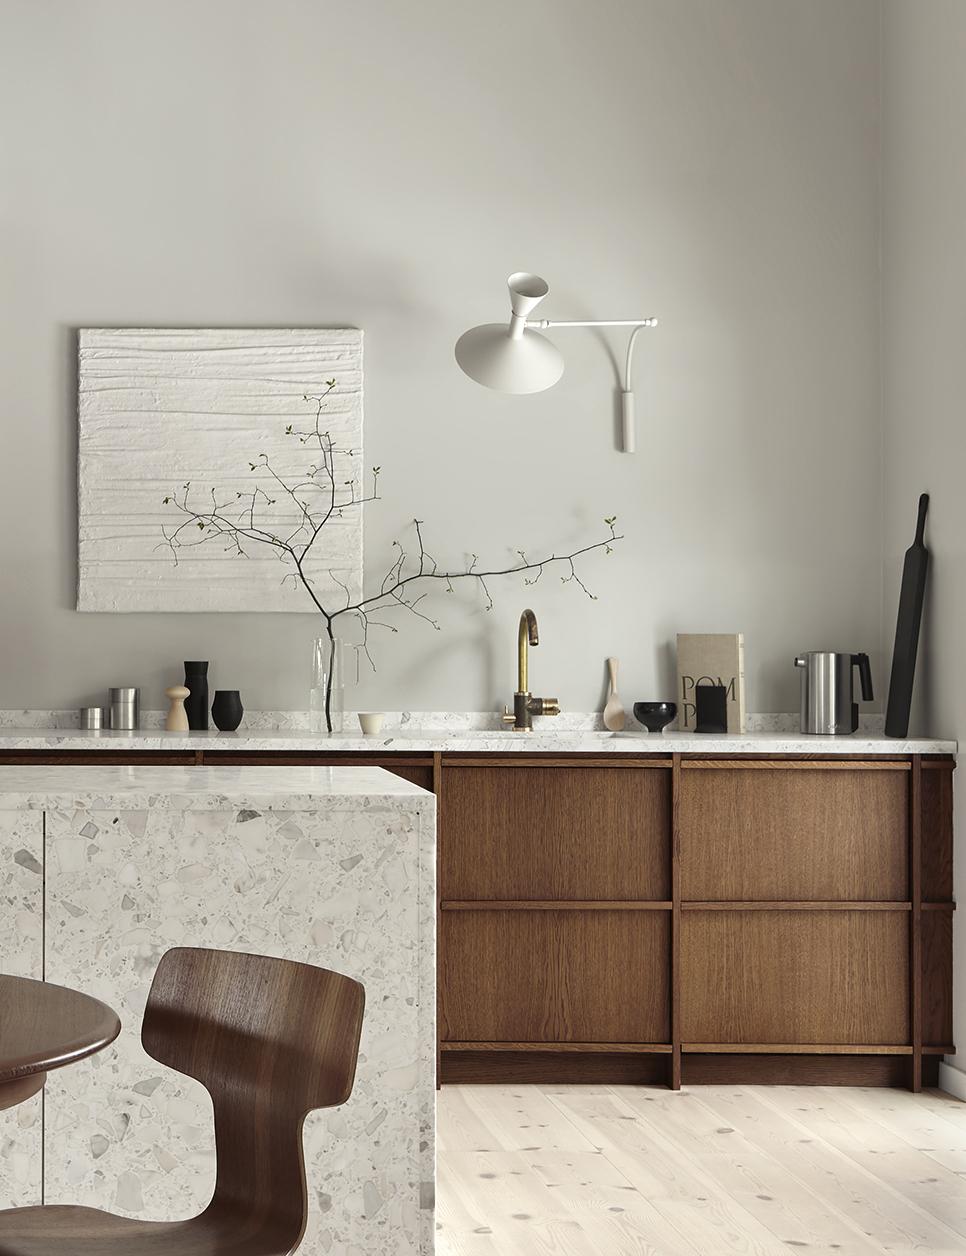 Rustik minimalism med terrazzo   Ett linjärt, naturinspirerat träkök med utanpåliggande ramverk i varma jordiga toner, eleganta detaljer och terrazzobänkskiva.   Prisexempel i grundutförande ca 125.000 - 158.000 sek    Se fler bilder